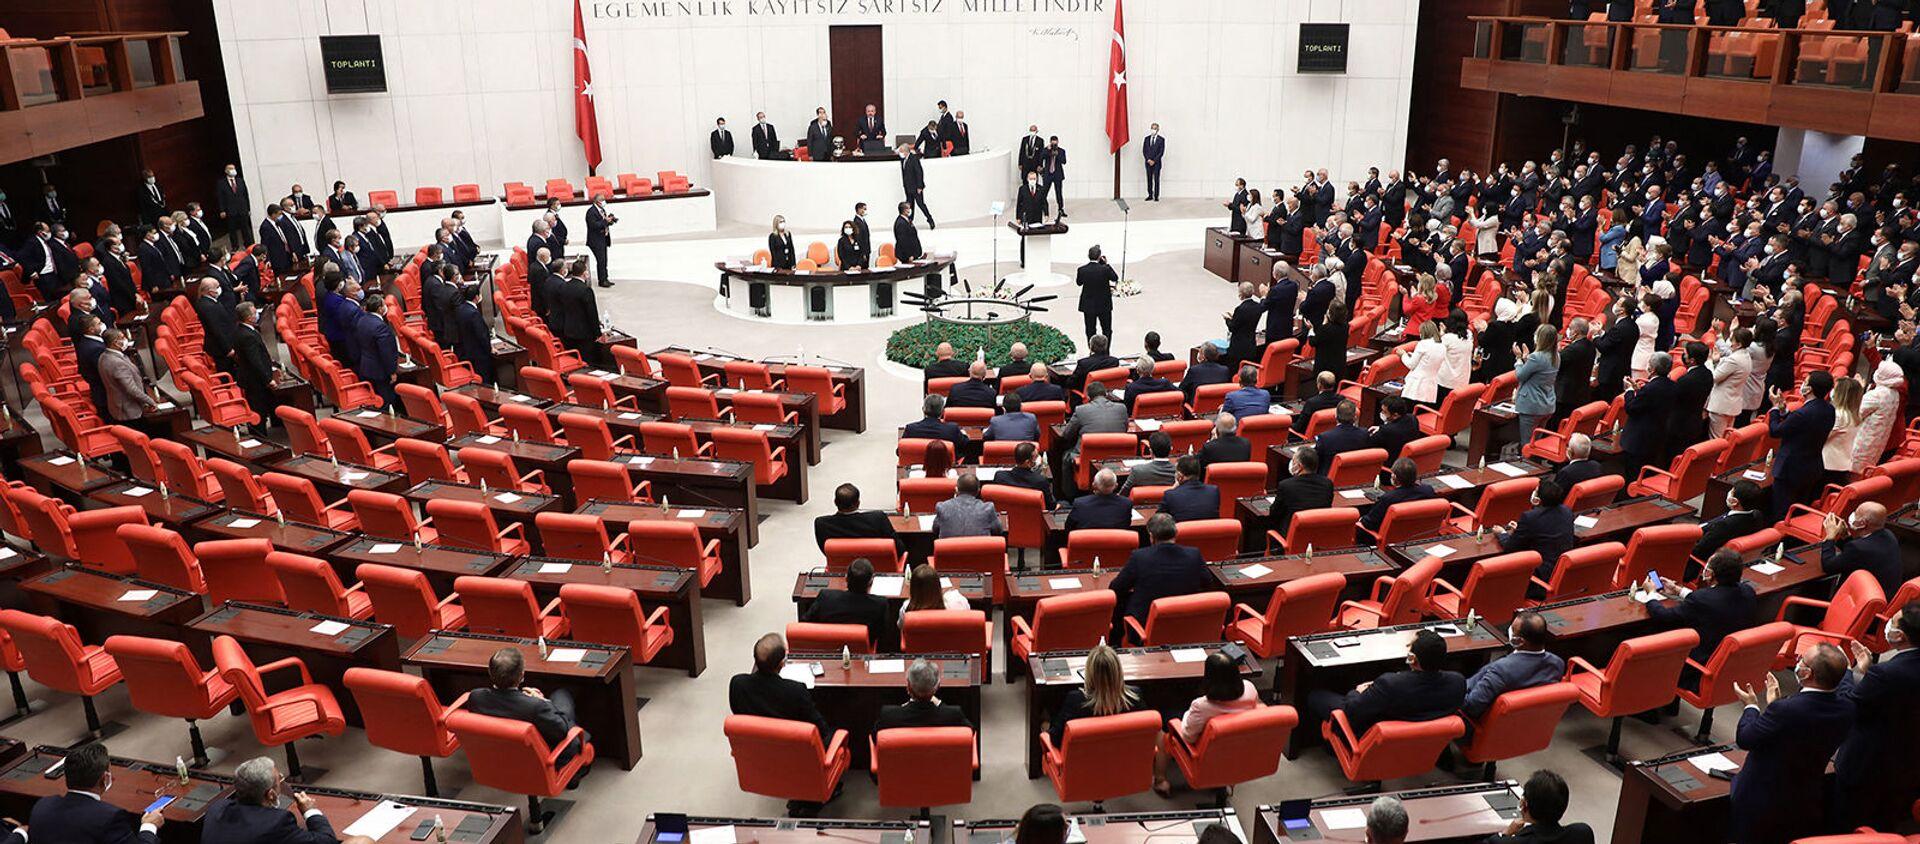 Заседание четвертой законодательной сессии турецкого парламента (1 октября 2020). Анкара - Sputnik Արմենիա, 1920, 13.03.2021